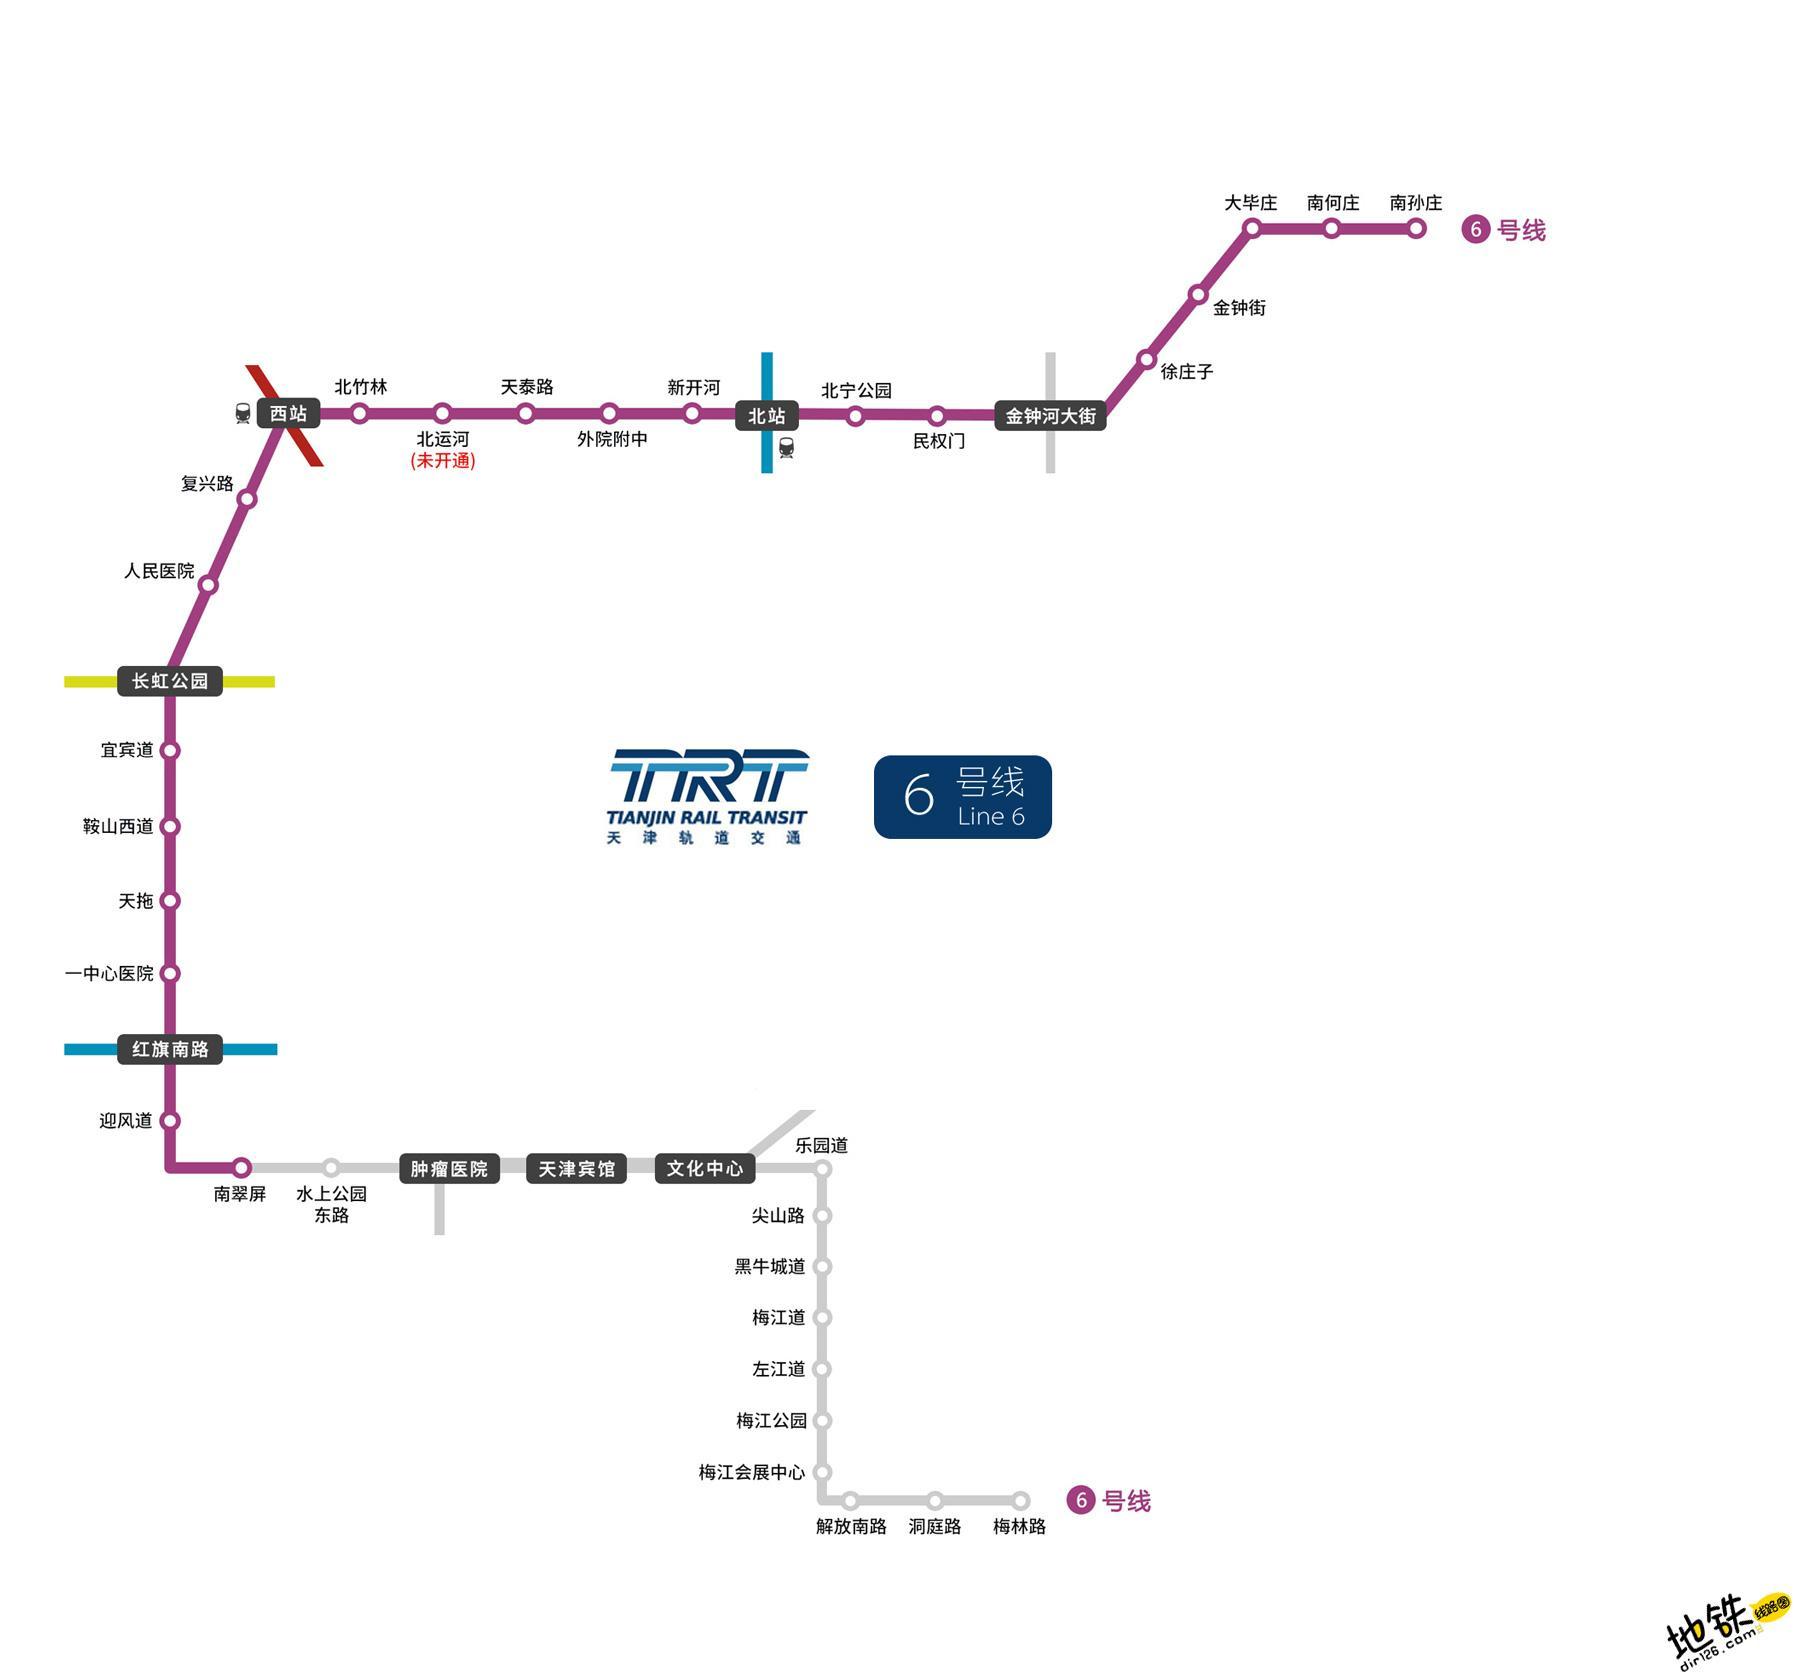 天津地铁6号线线路图 运营时间票价站点 查询下载 天津地铁6号线查询 天津地铁6号线运营时间 天津地铁6号线线路图 天津地铁6号线 天津地铁六号线 天津地铁线路图  第2张